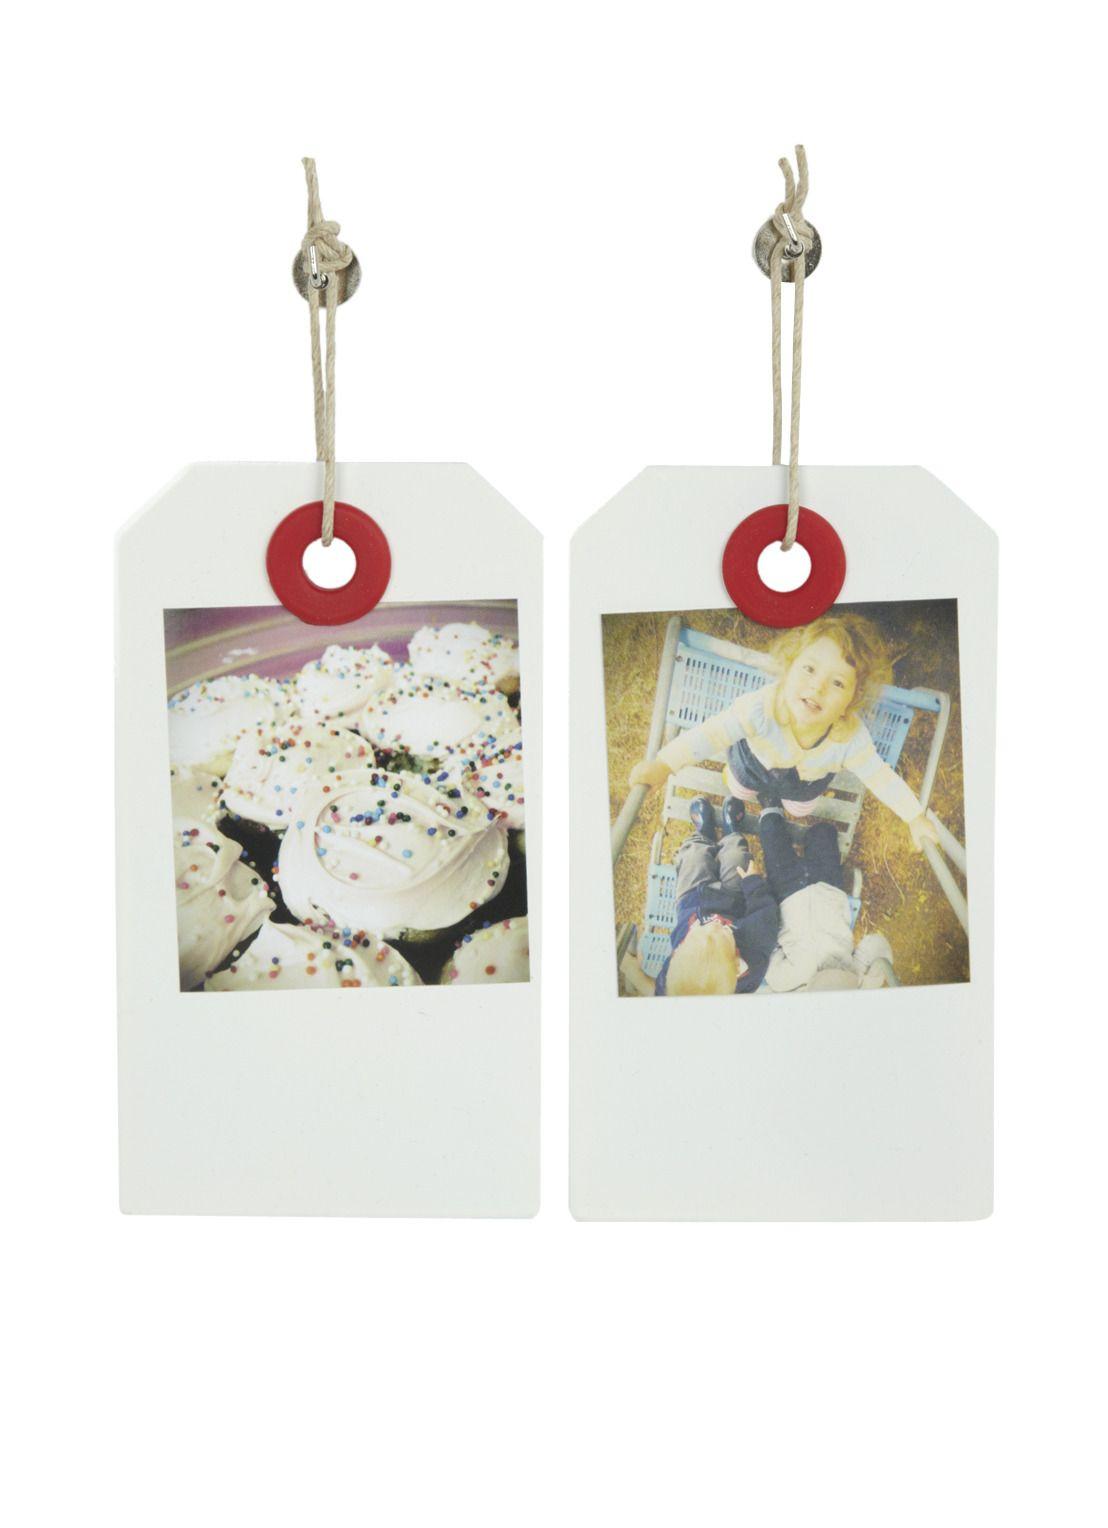 Umbra foto ophangsysteem. Plak de foto's op de Taggit lijstjes en hang ze aan de muur. De plaatjes zijn met een verwijderbare marker te beschrijven. Deze set bestaat uit 7 plaatjes met touwtjes en bevestigingsmateriaal.